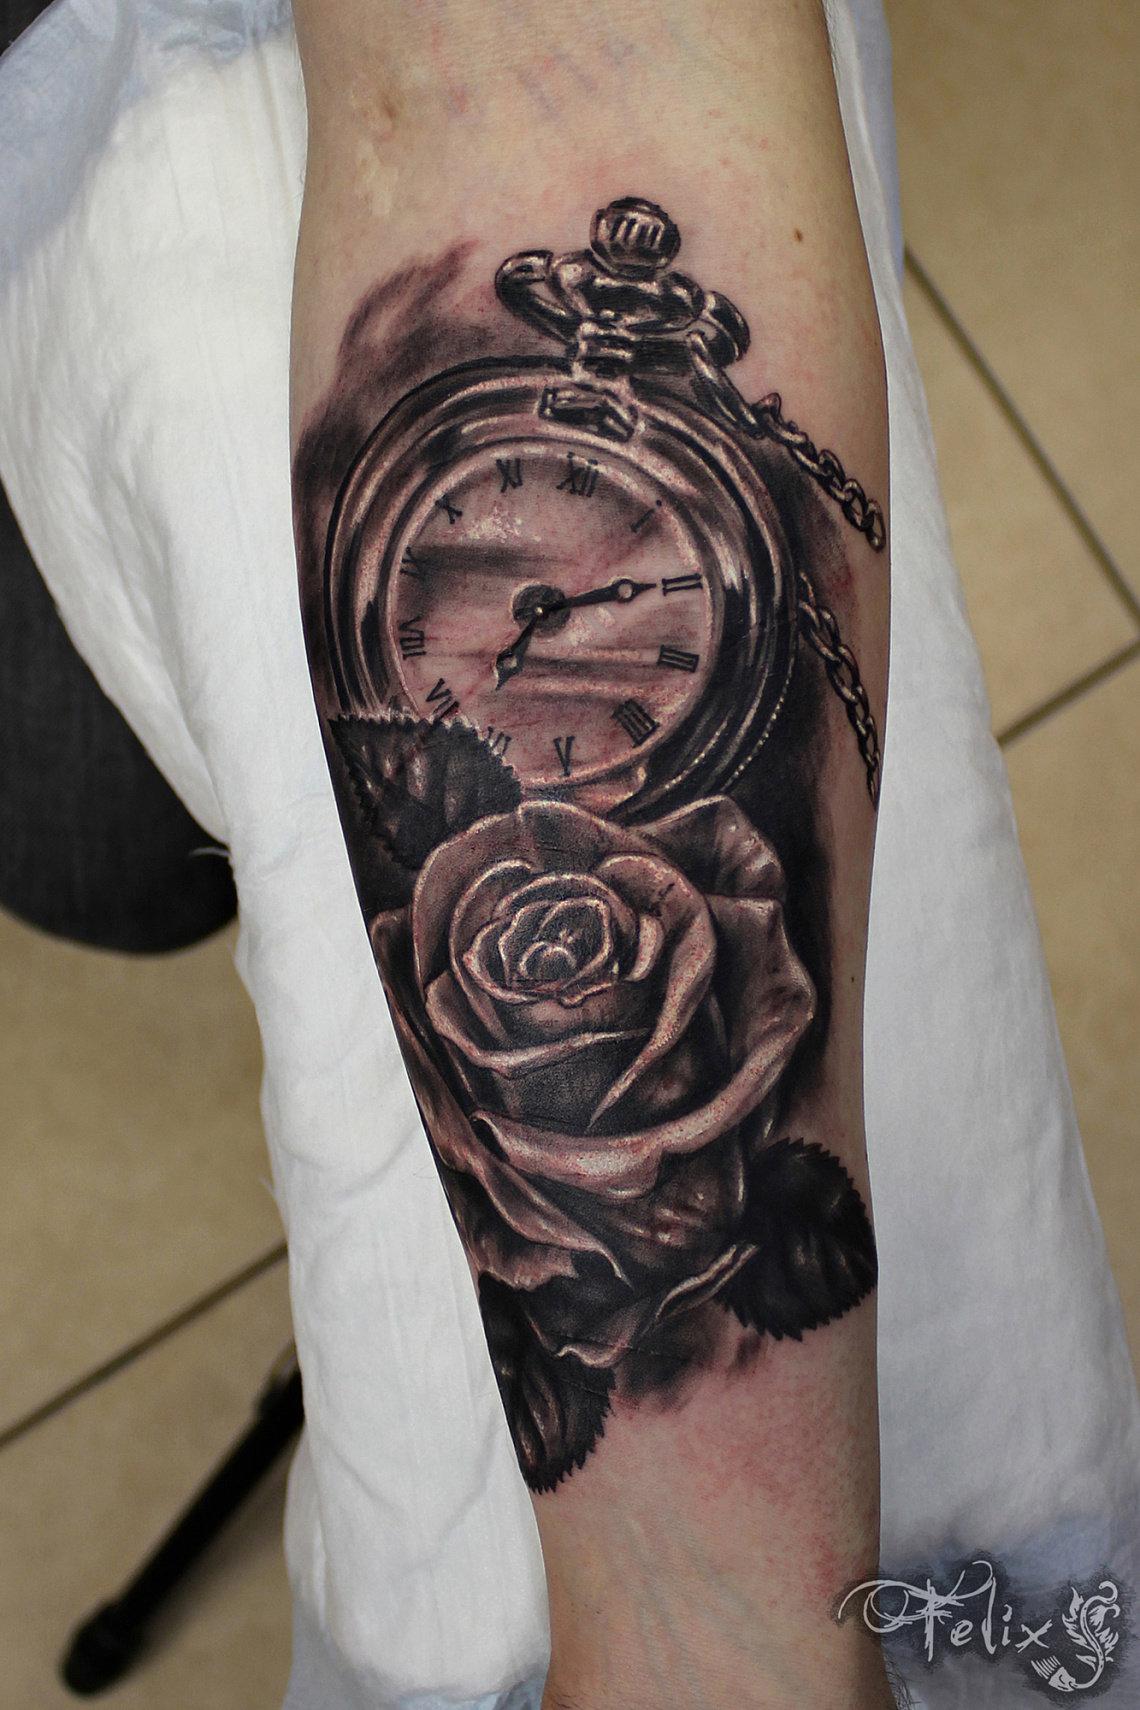 Для тату часы расшифровки связаны со сменой периодов жизни, историей и стимулом к действию.